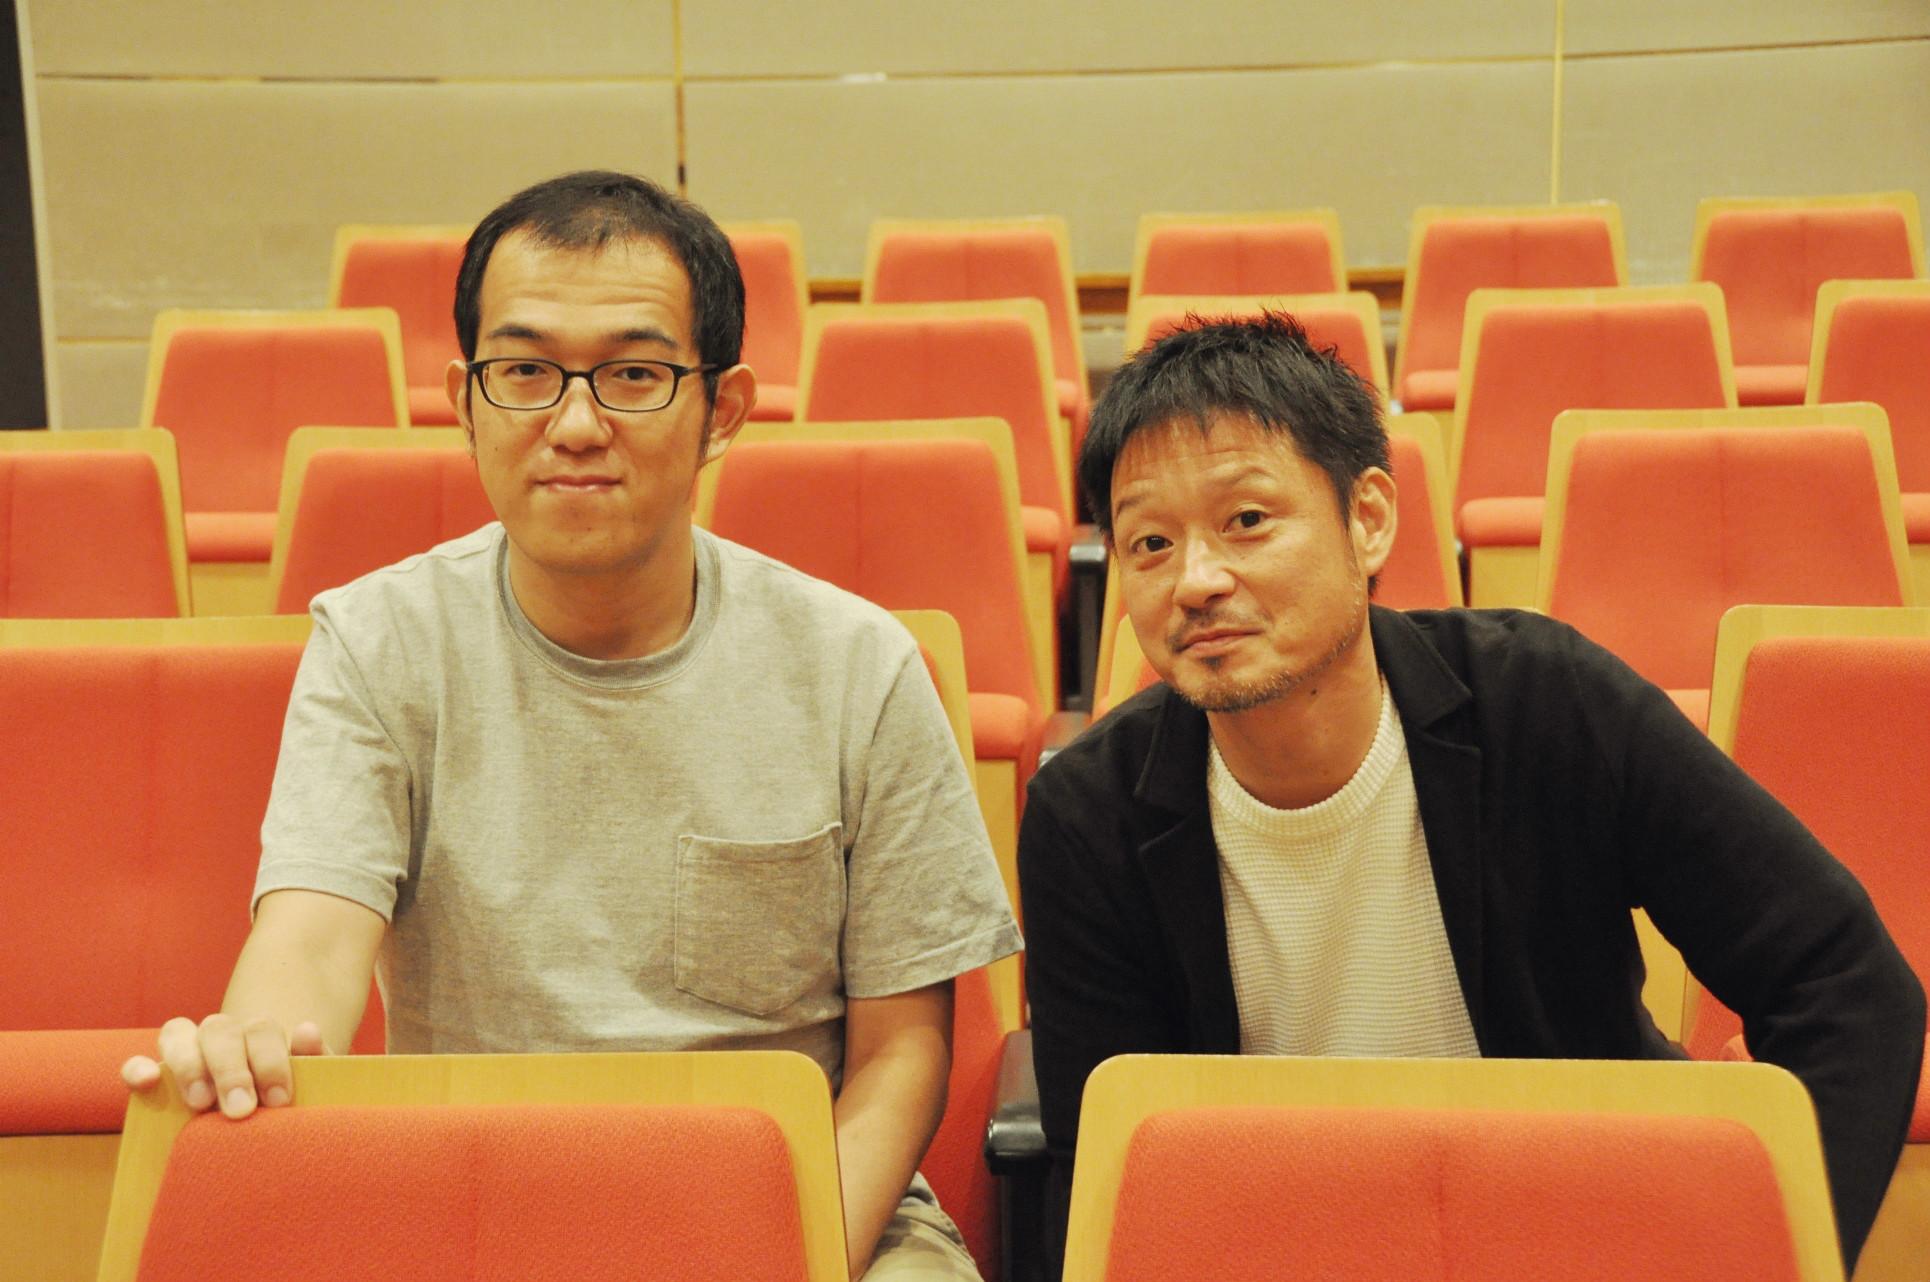 (左から)上田誠、福田転球 [撮影]吉永美和子(このページすべて)